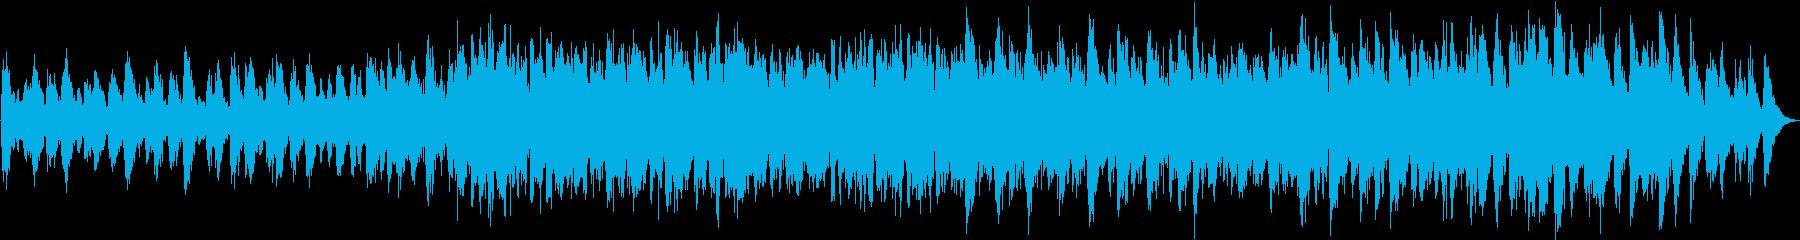 壮大なスワッシュバックリングオーケ...の再生済みの波形